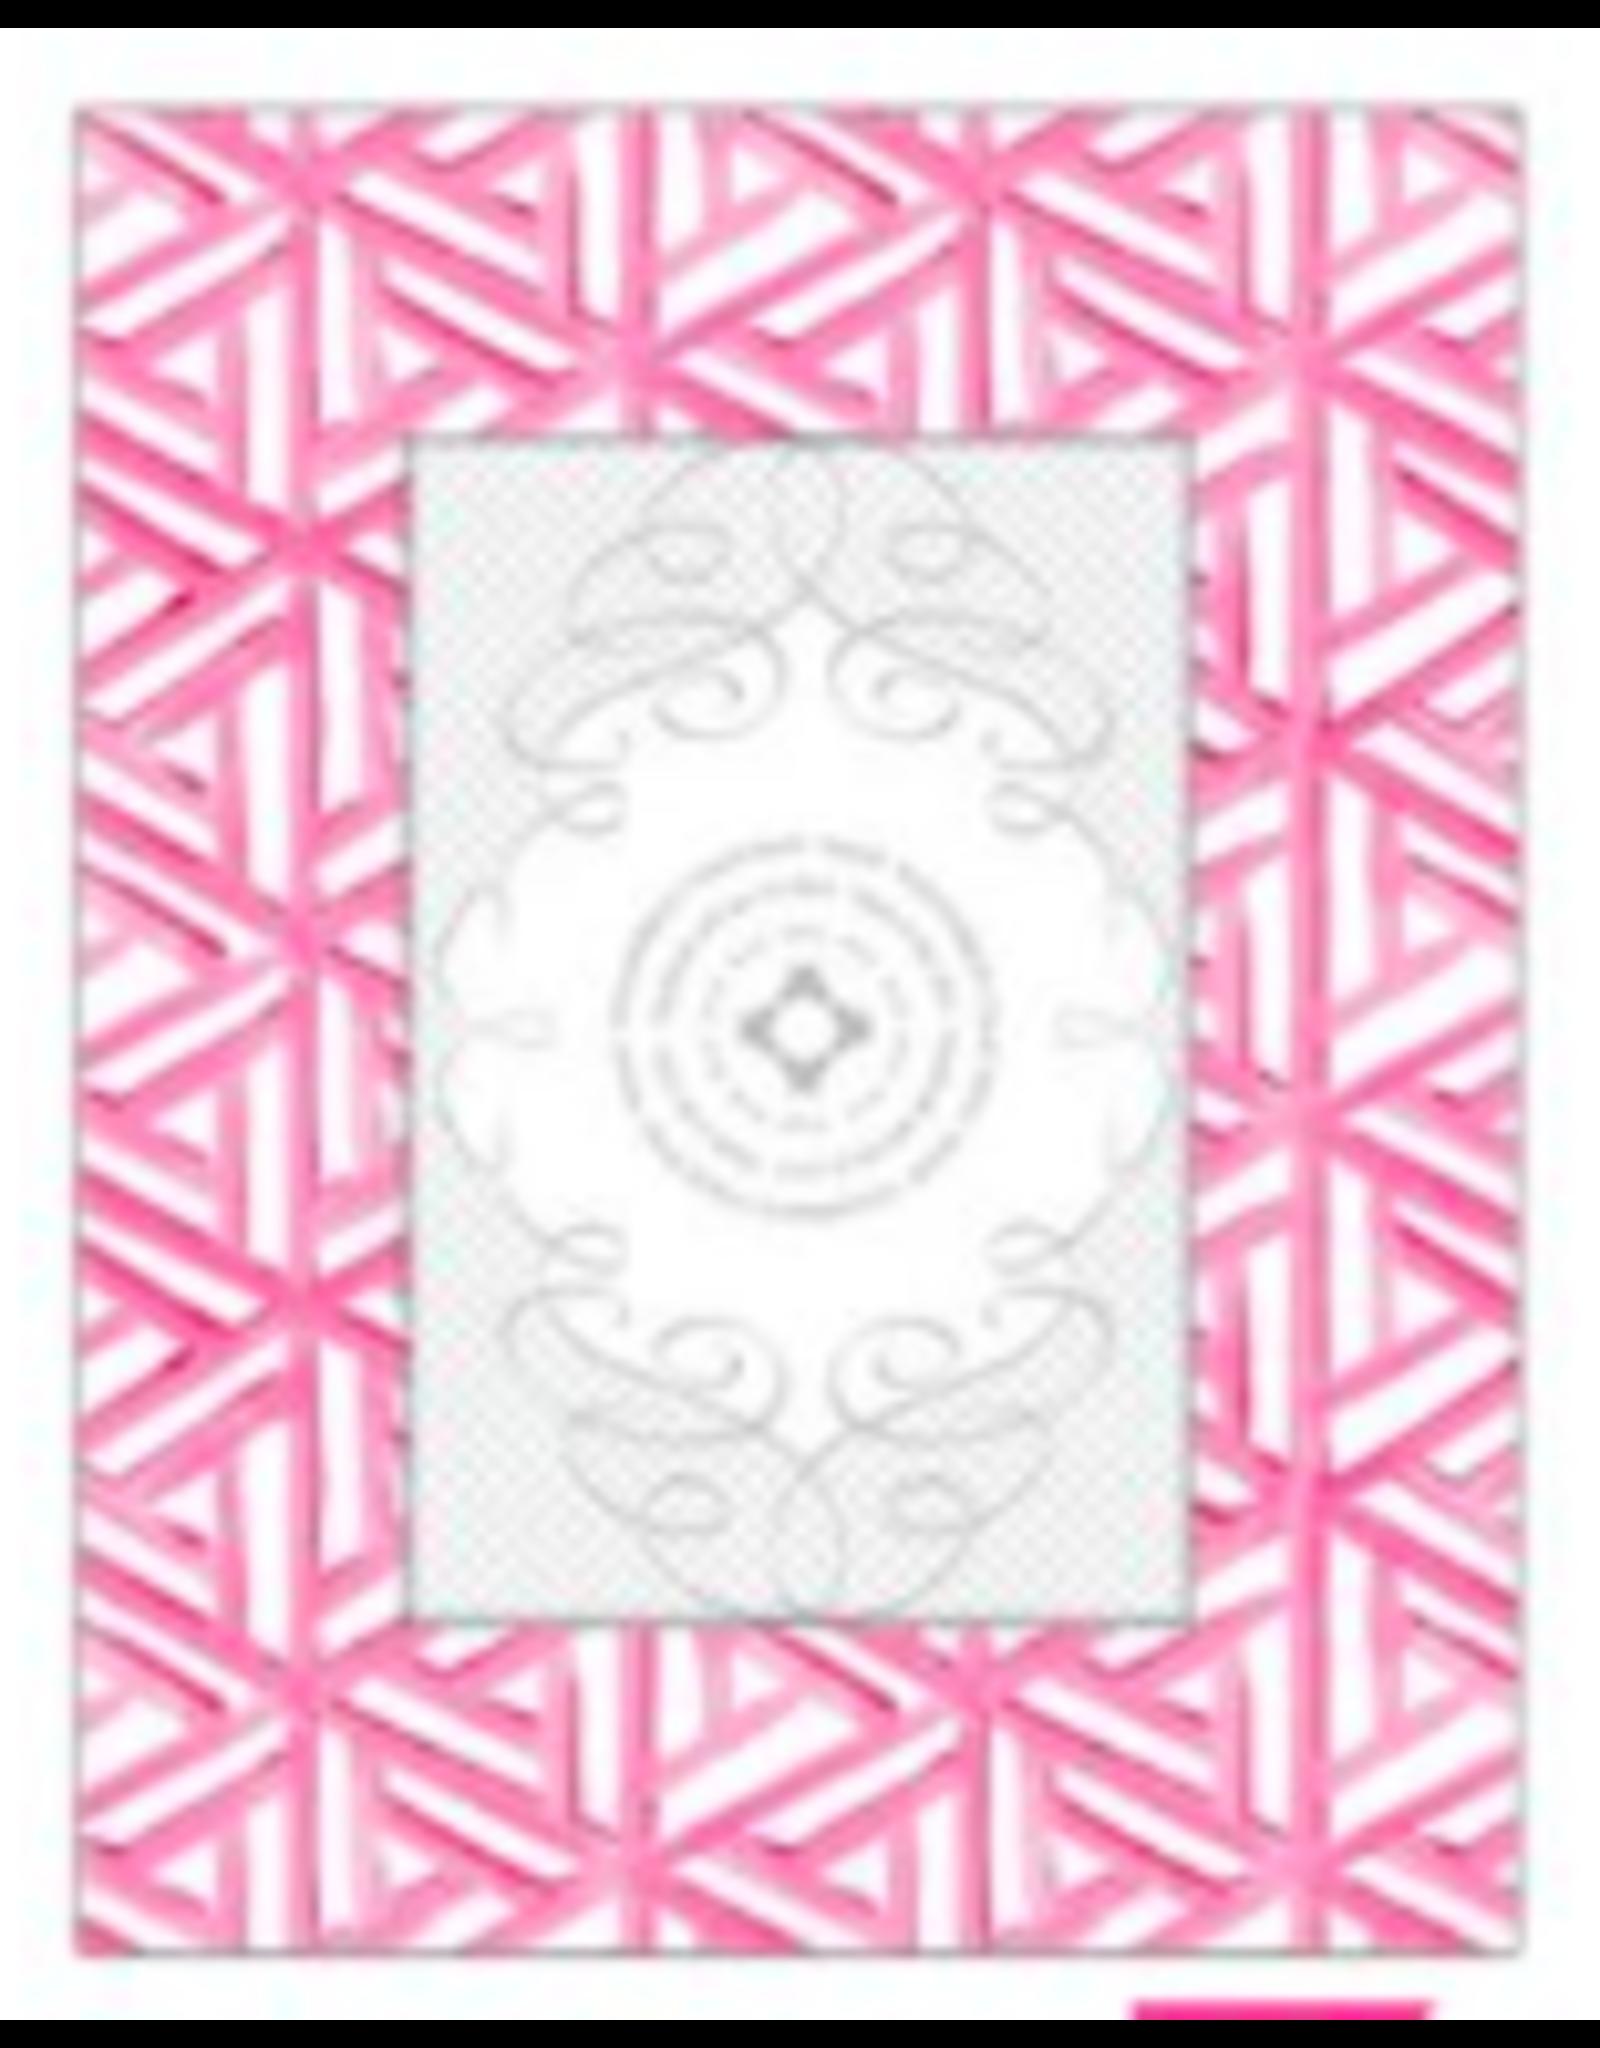 Hot Pink Tile Pattern Frame 4x6